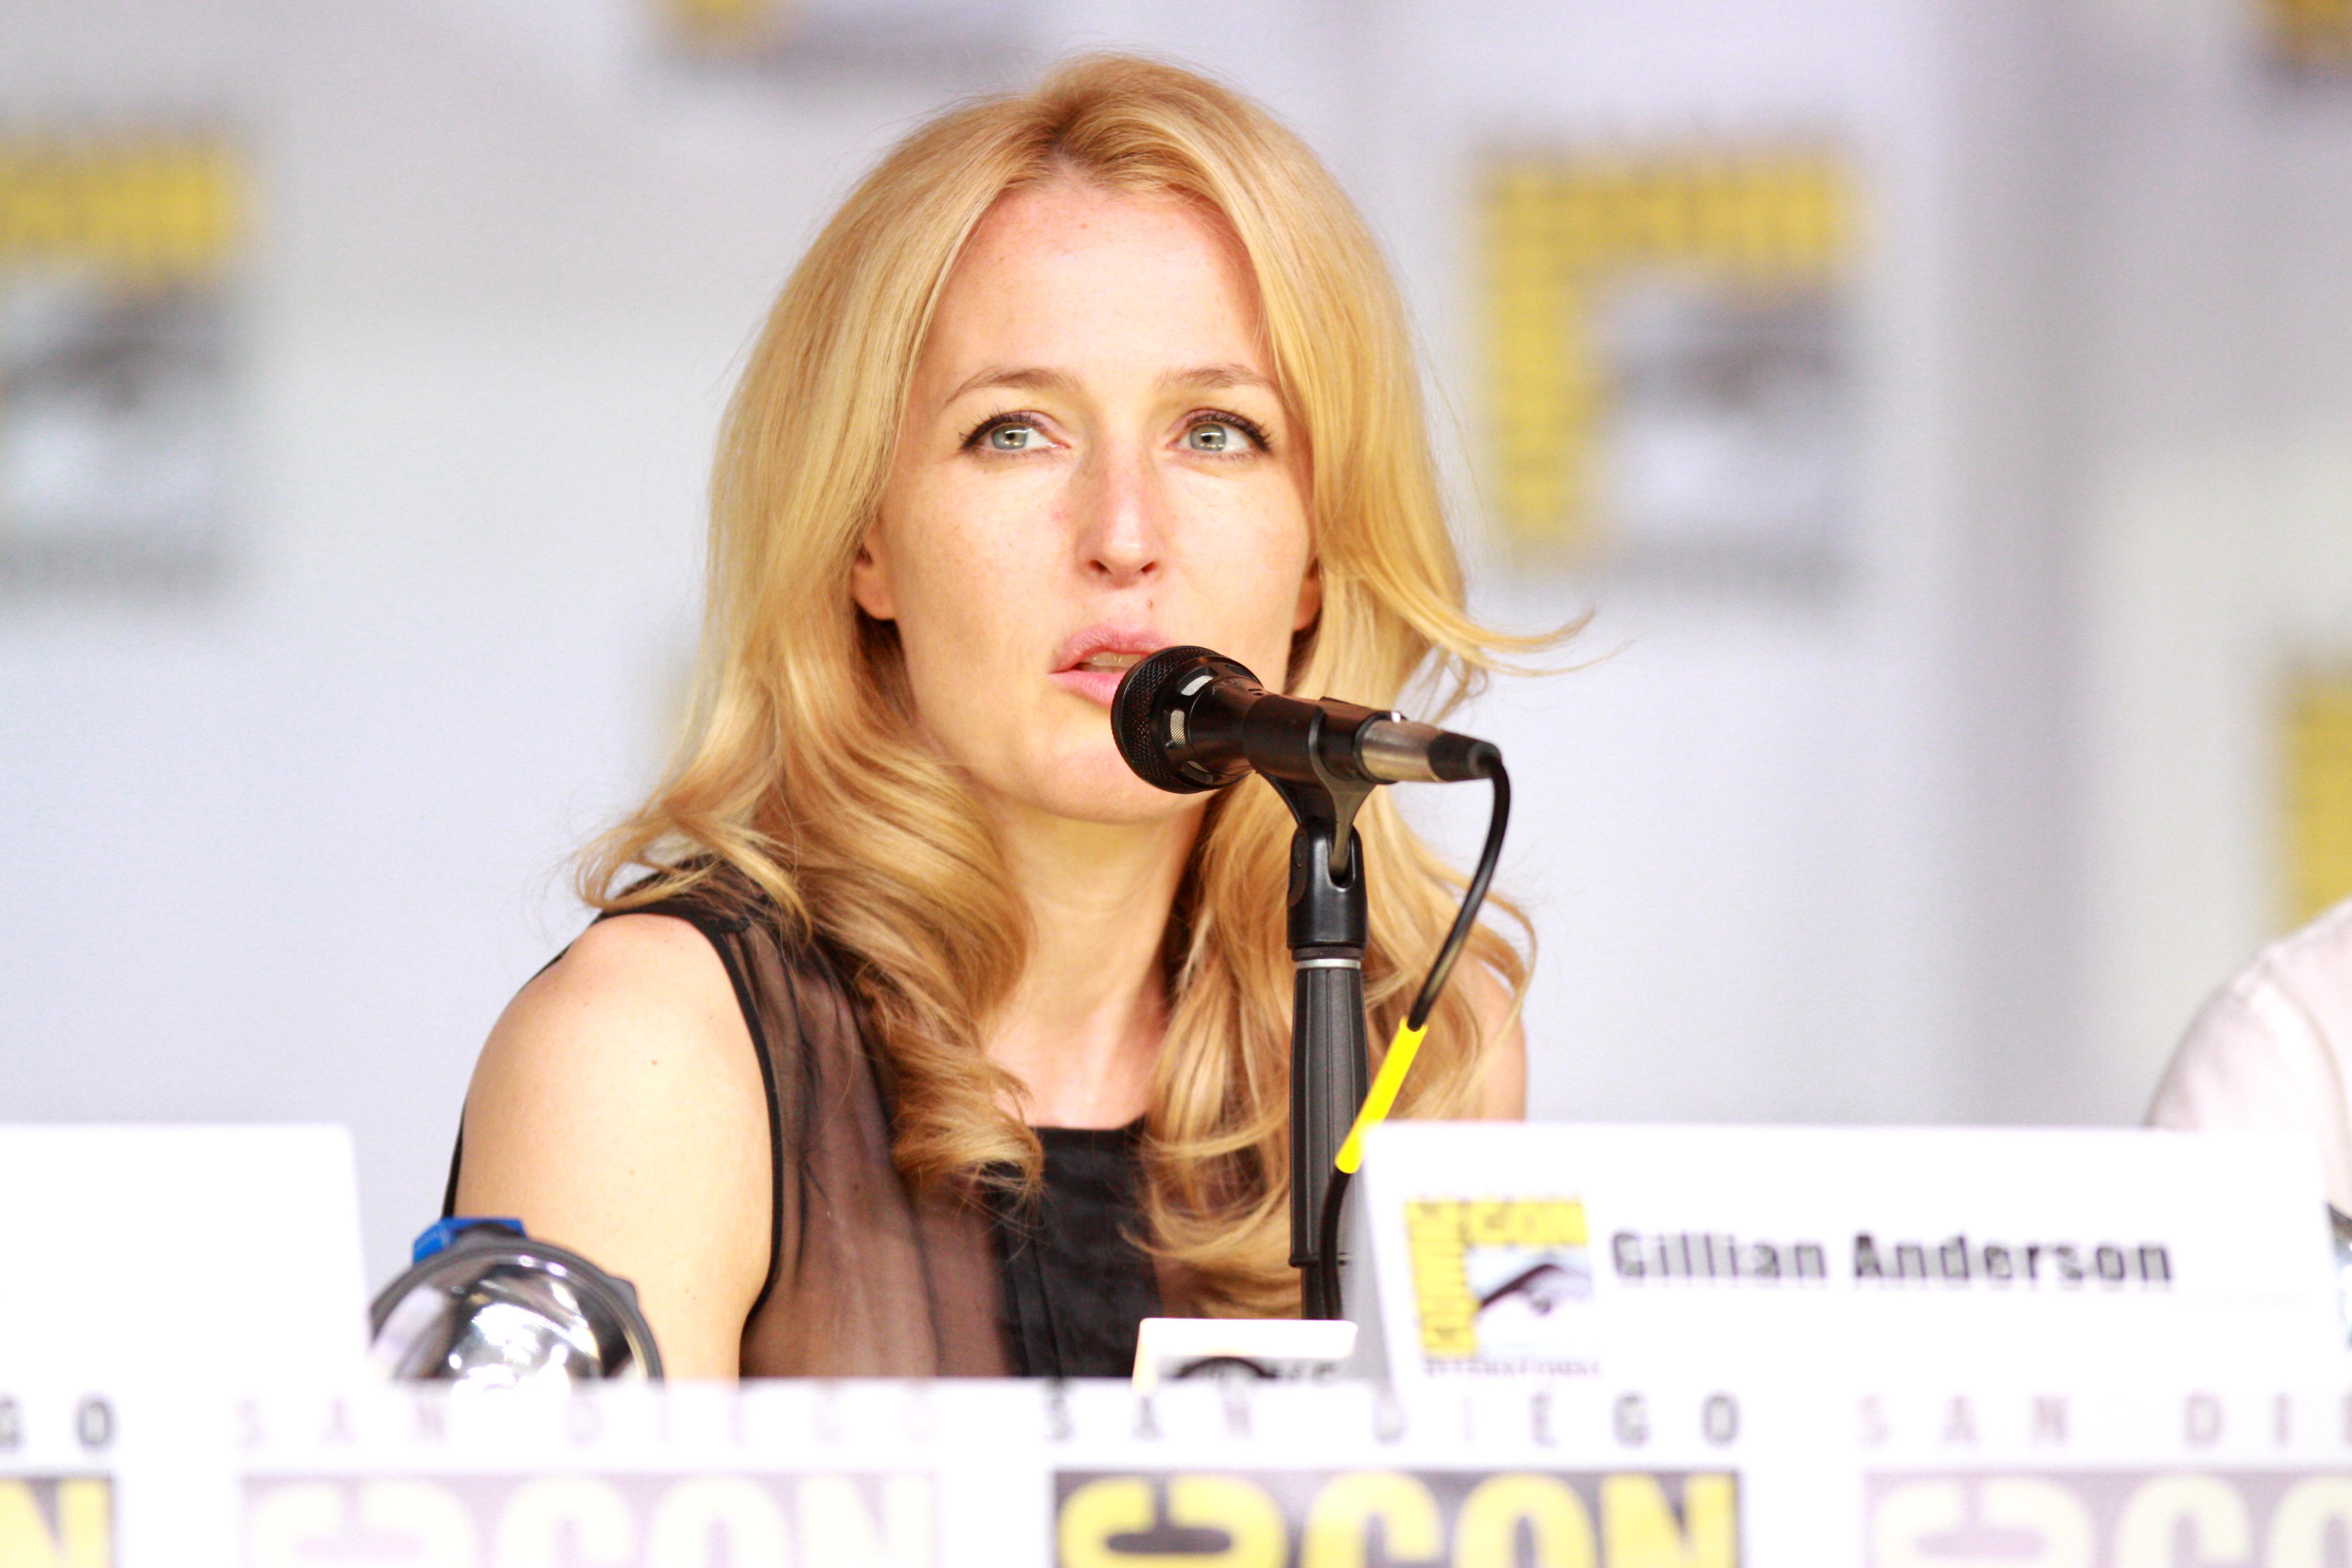 Gillian Anderson Comic-Con